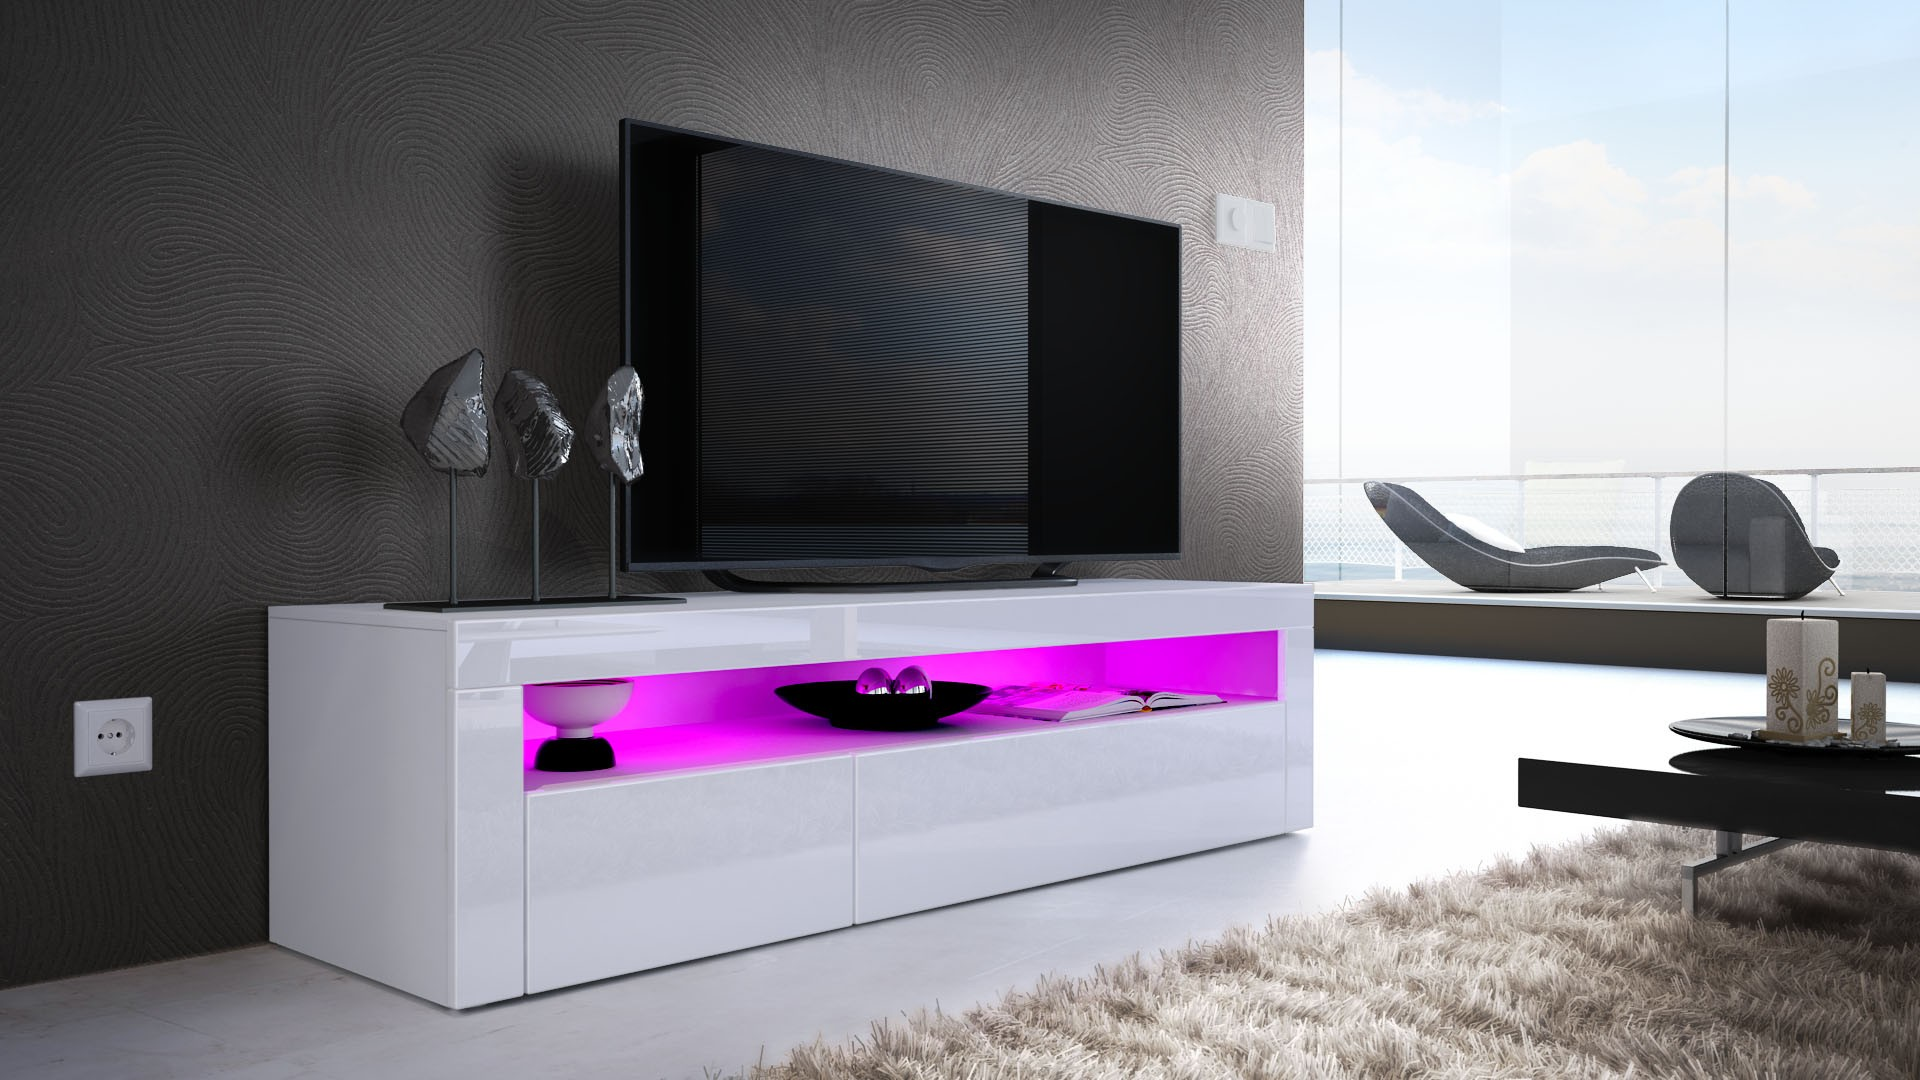 Armoire basse meuble tv armoire id es de d coration de for Meuble tv armoire